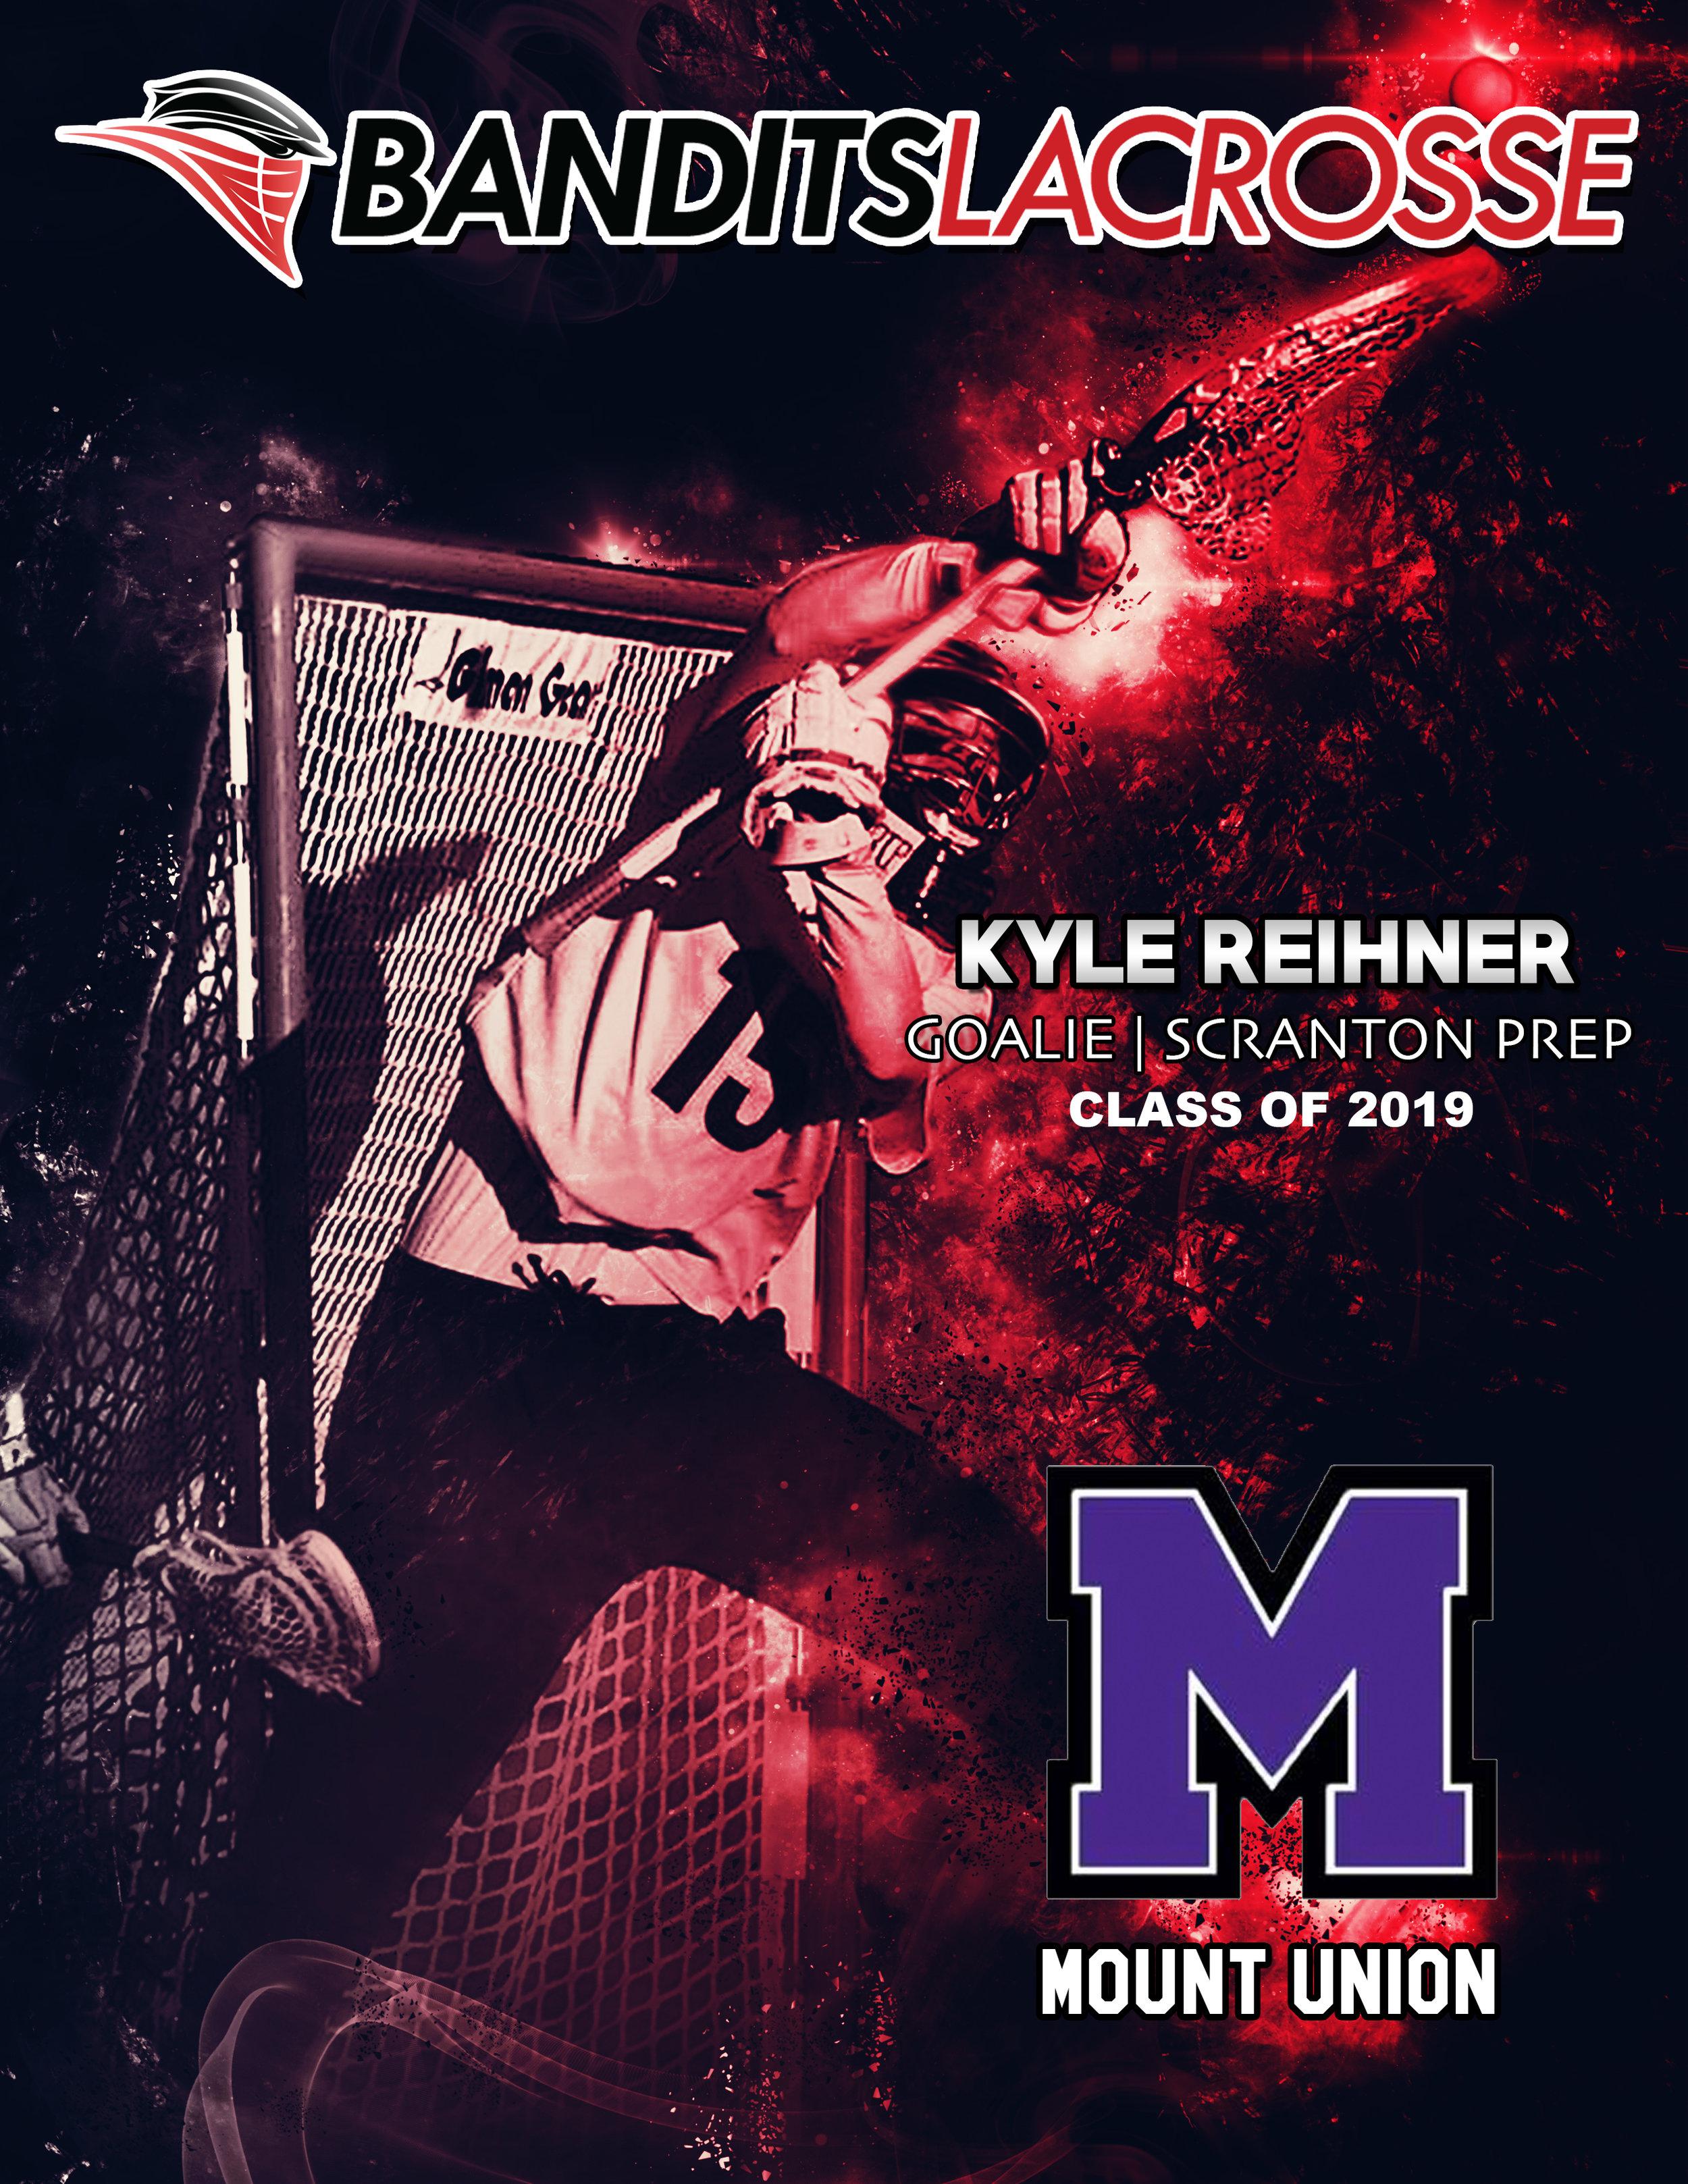 Bandits Lacrosse Commitment Poster - Kyle Reihner.jpg